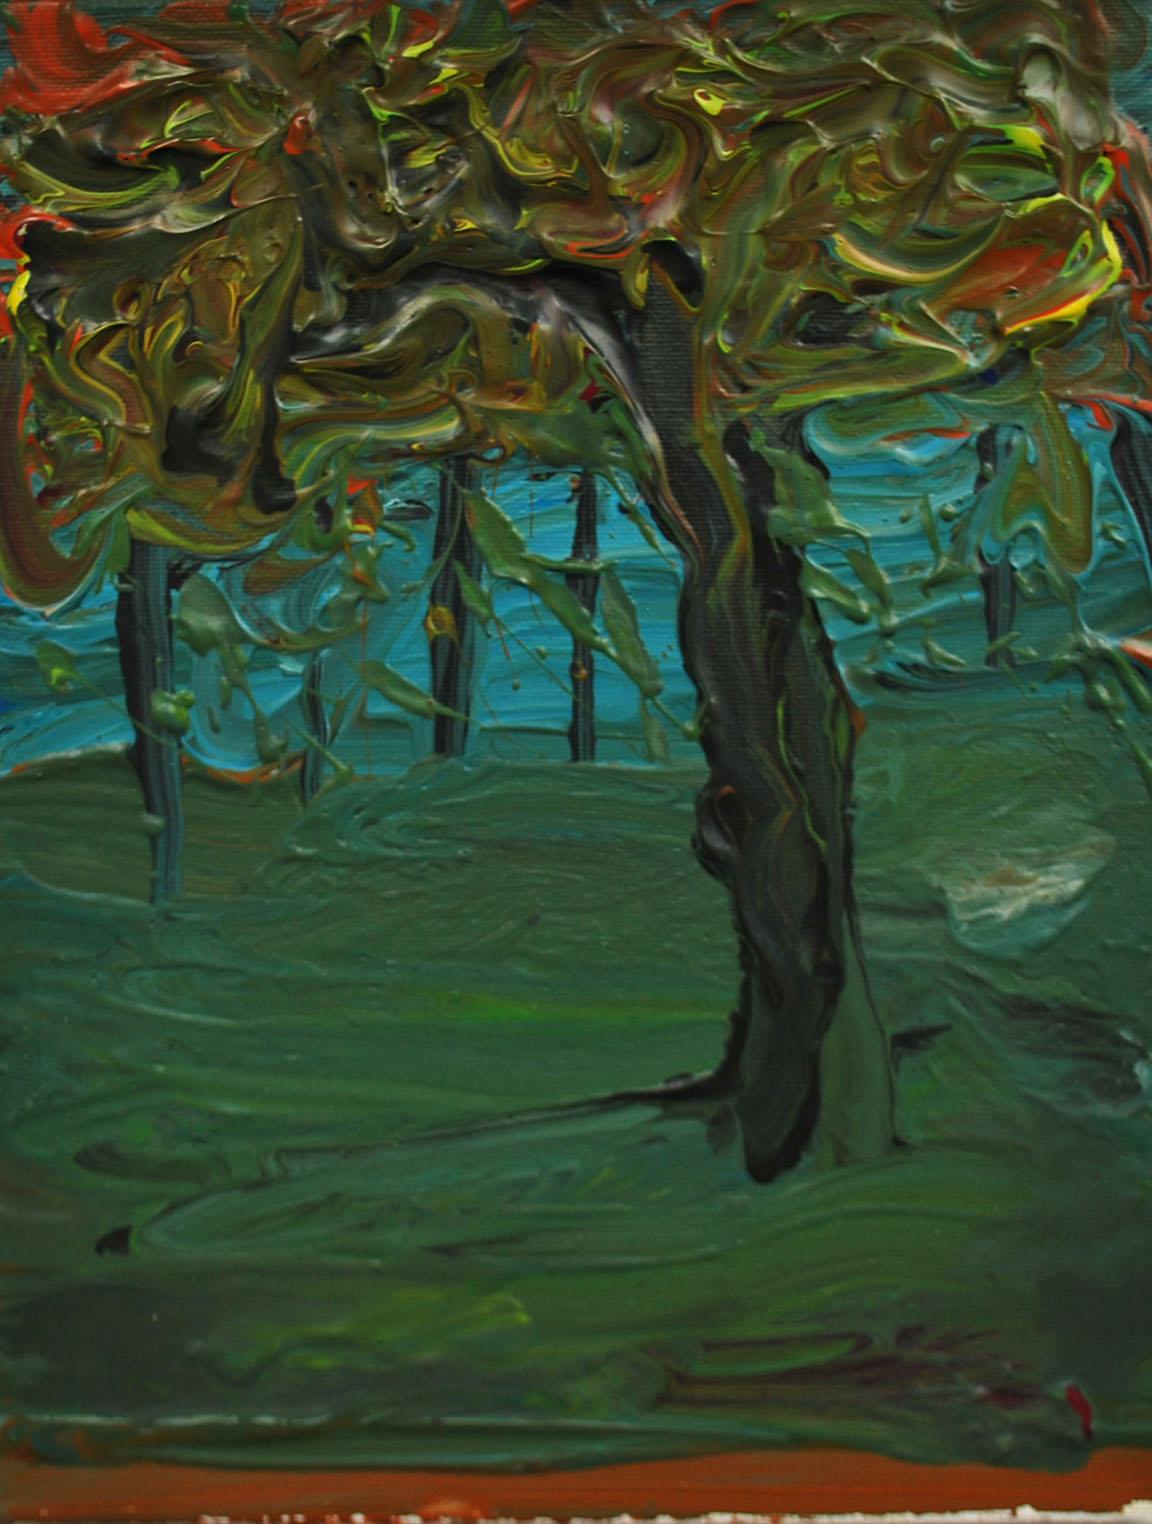 sans-titre-11-2012-technique-mixte-sur-toile-35x25-cm